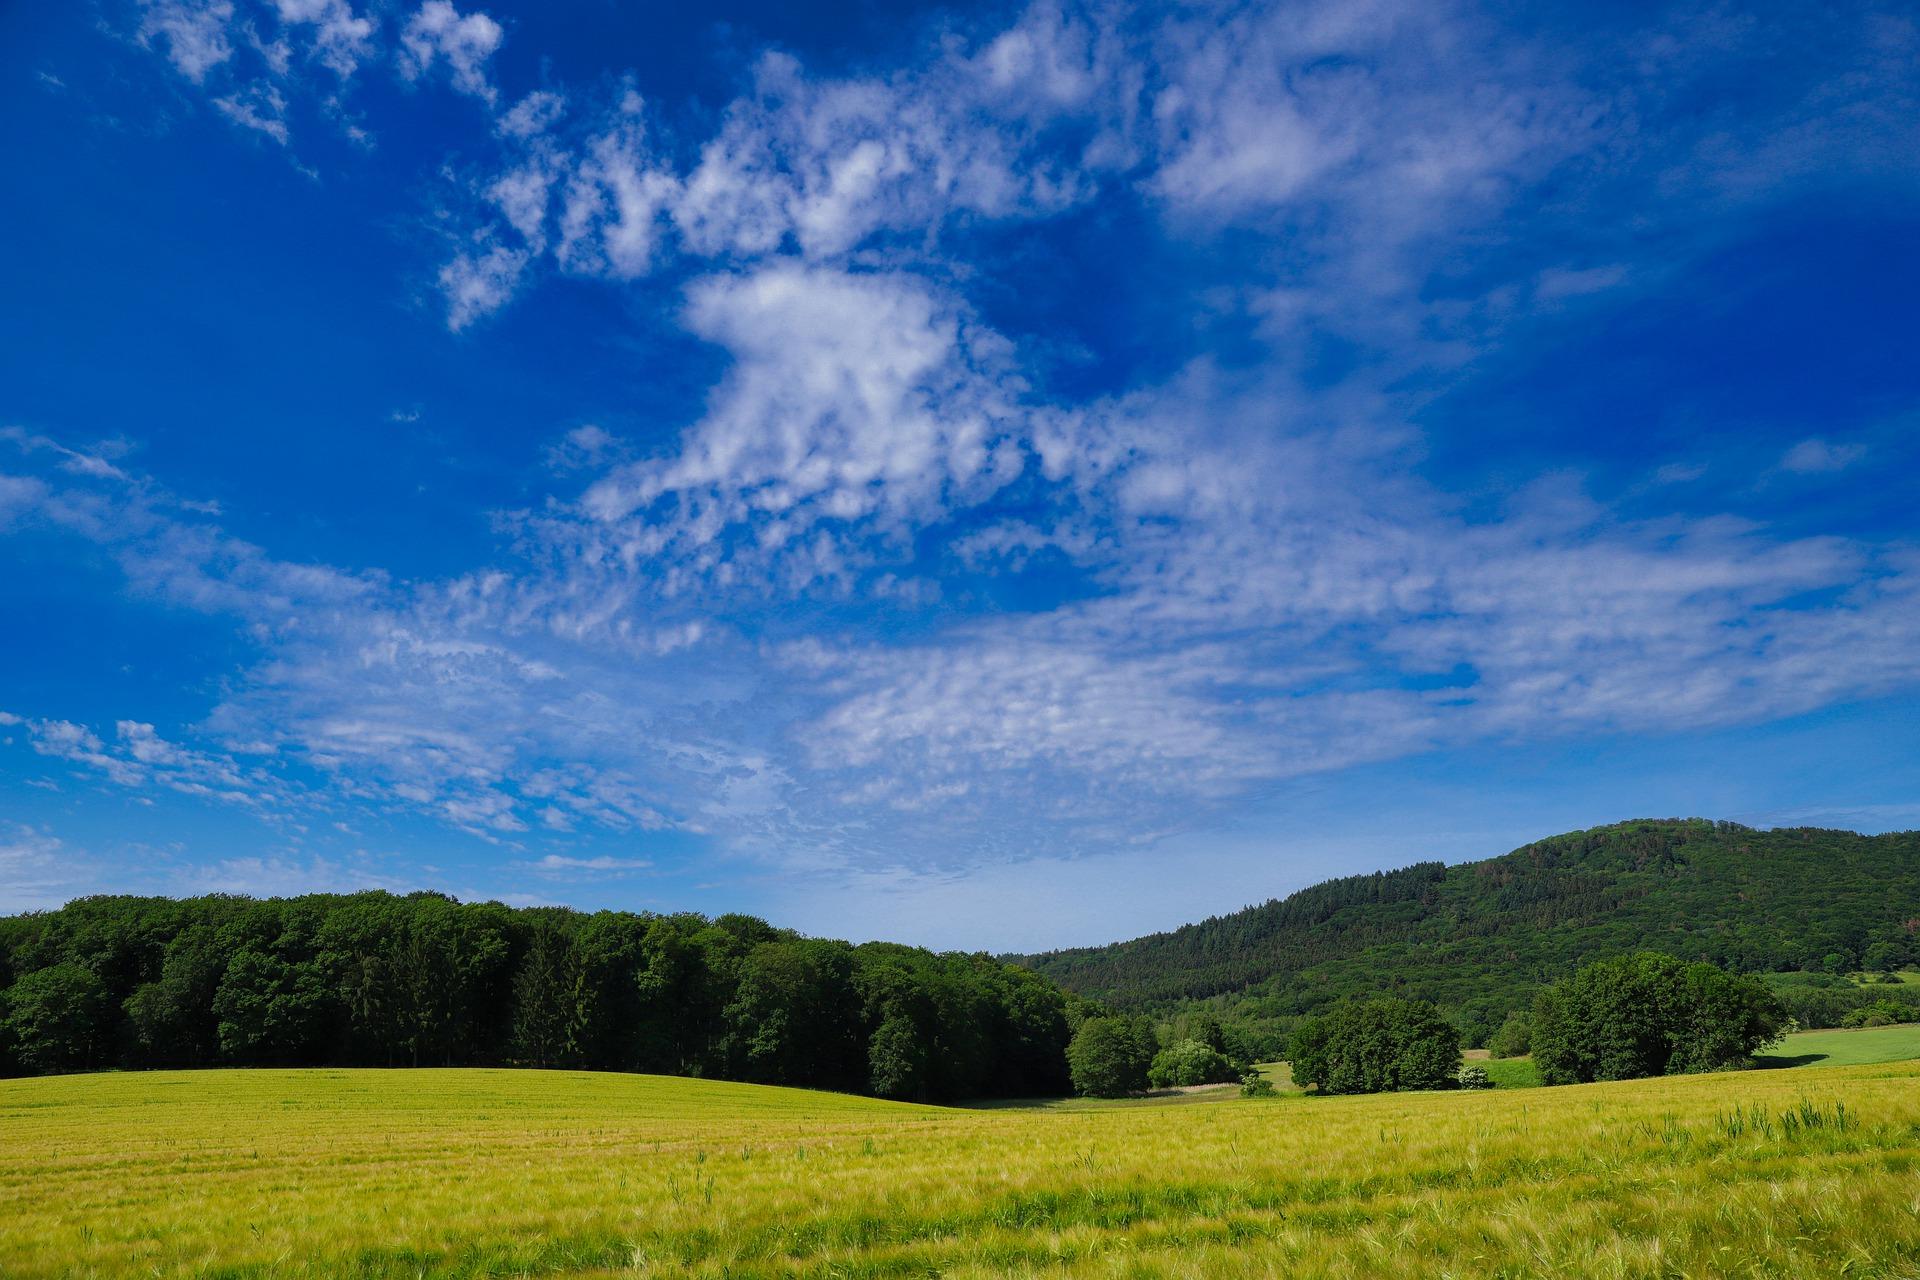 landscape-4765033_1920